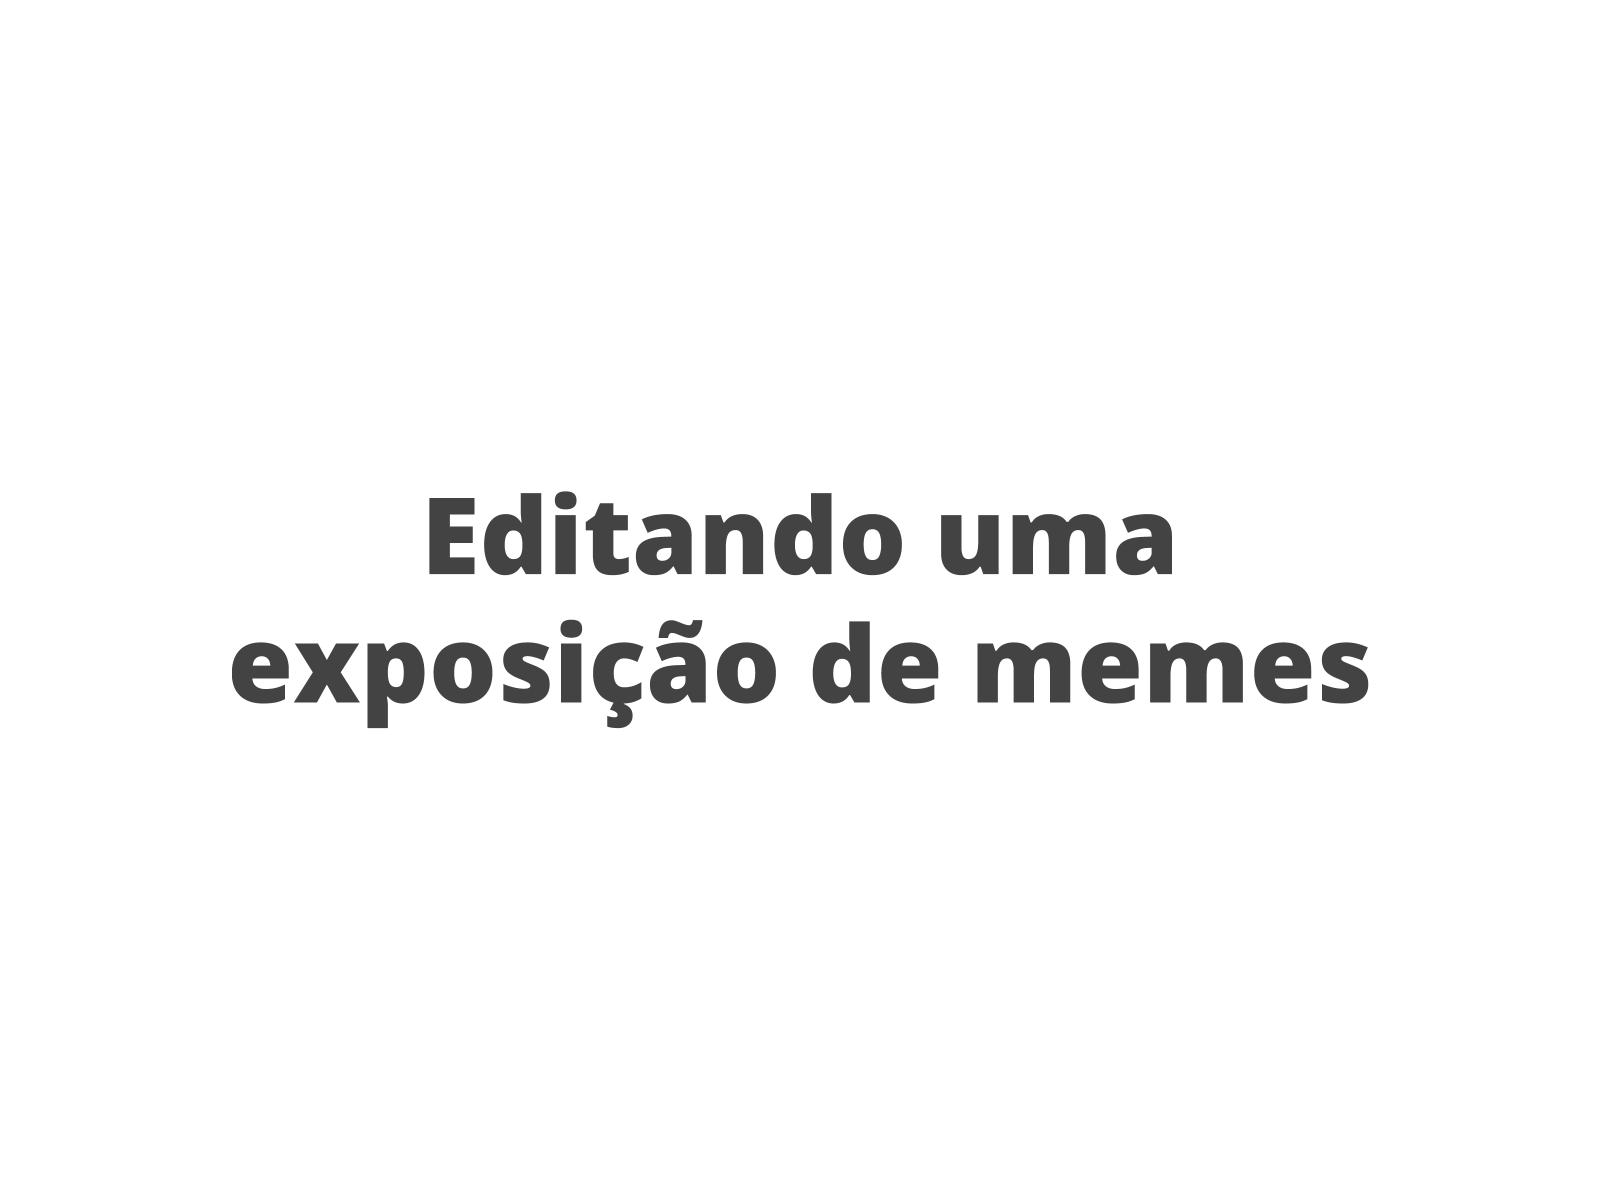 Editando uma exposição de memes